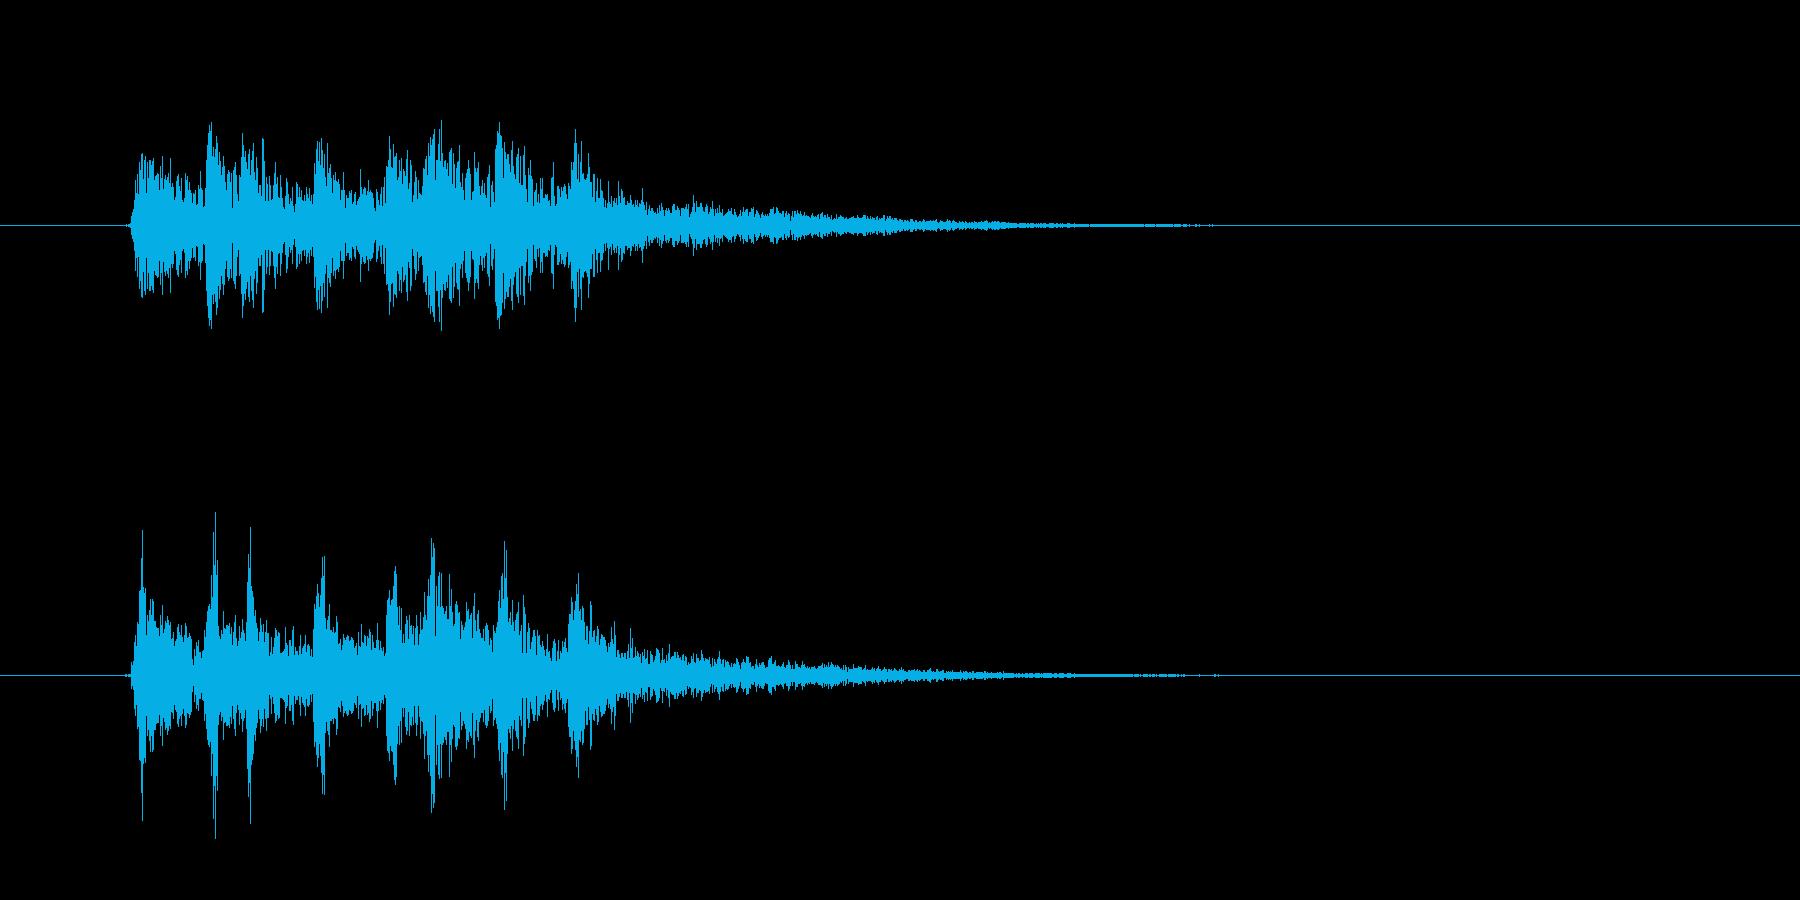 不穏な響きのジングル曲、サウンドロゴの再生済みの波形